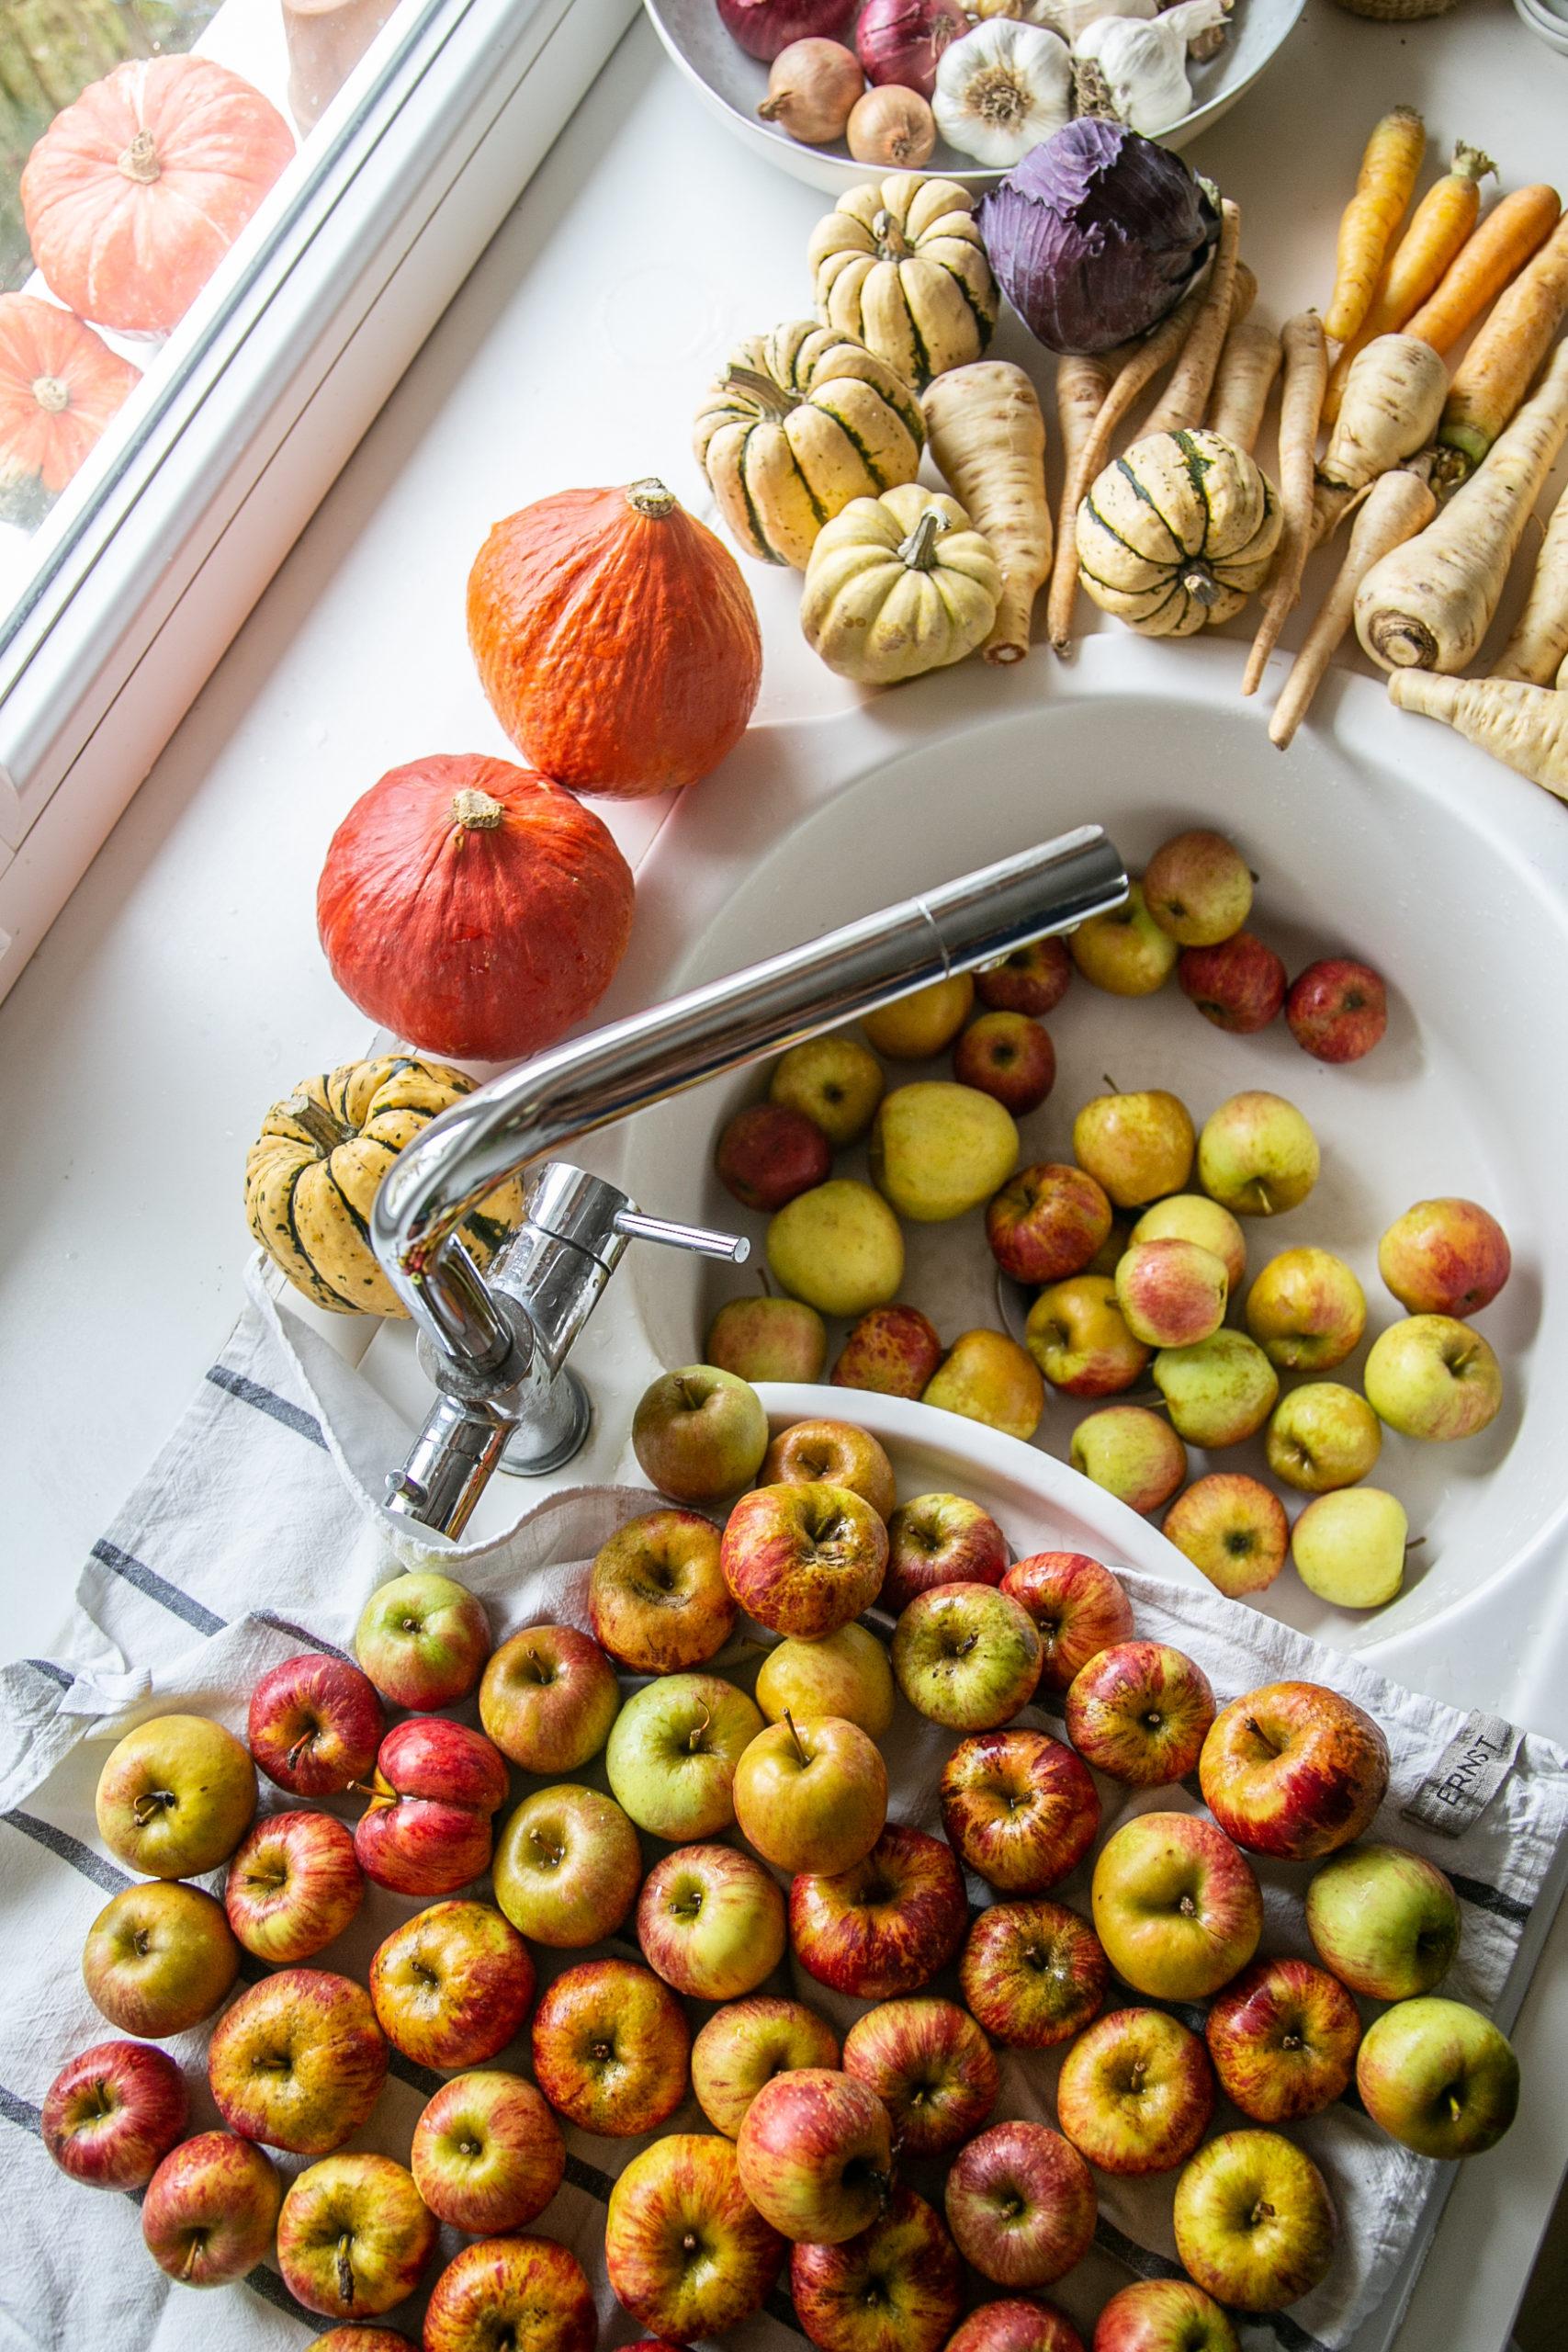 Buntes Obst und Gemuese im Waschbecken